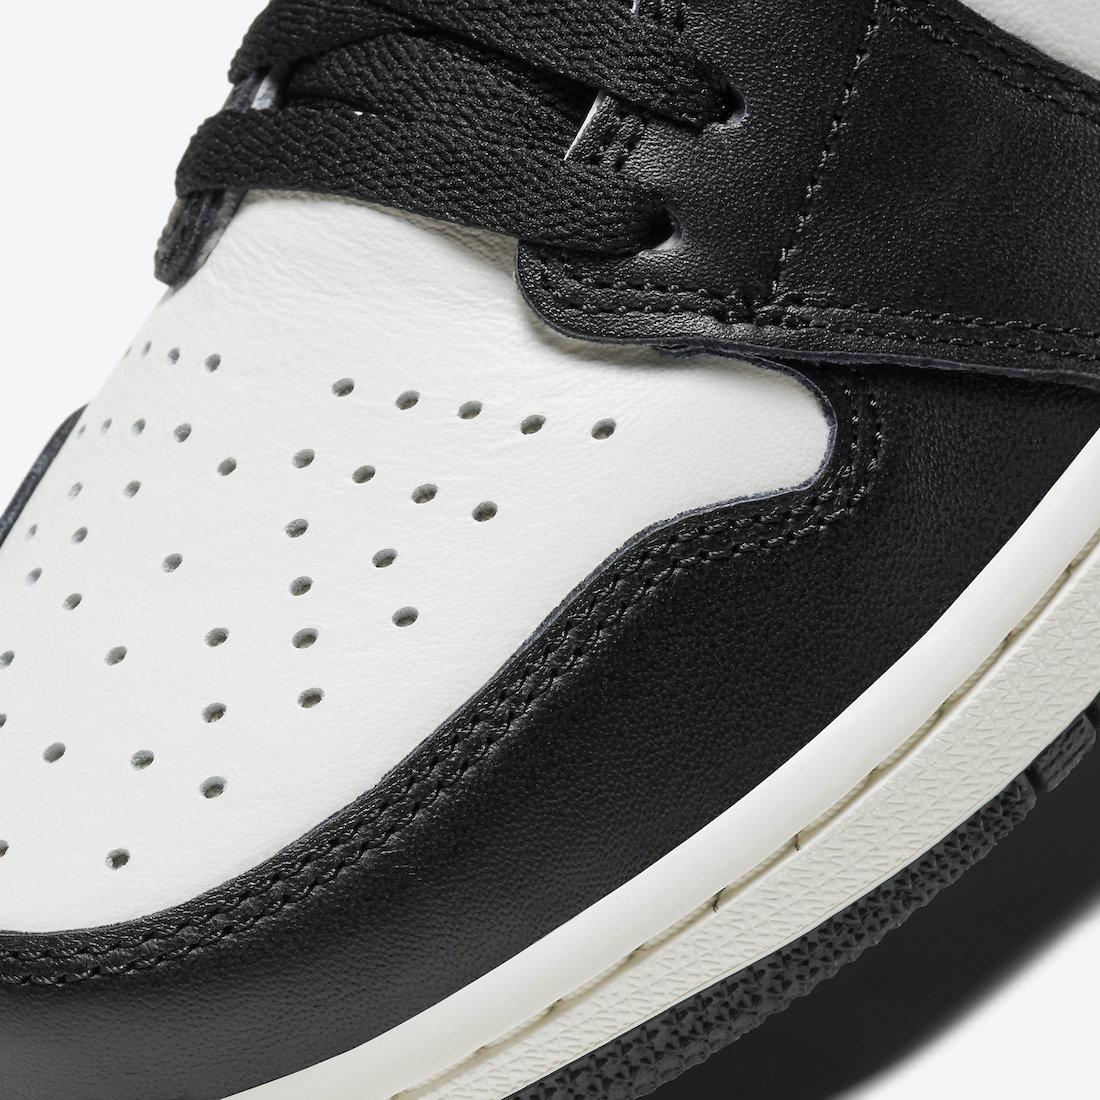 Air-Jordan-1-Dark-Mocha-555088-105-Release-Date-Price-5